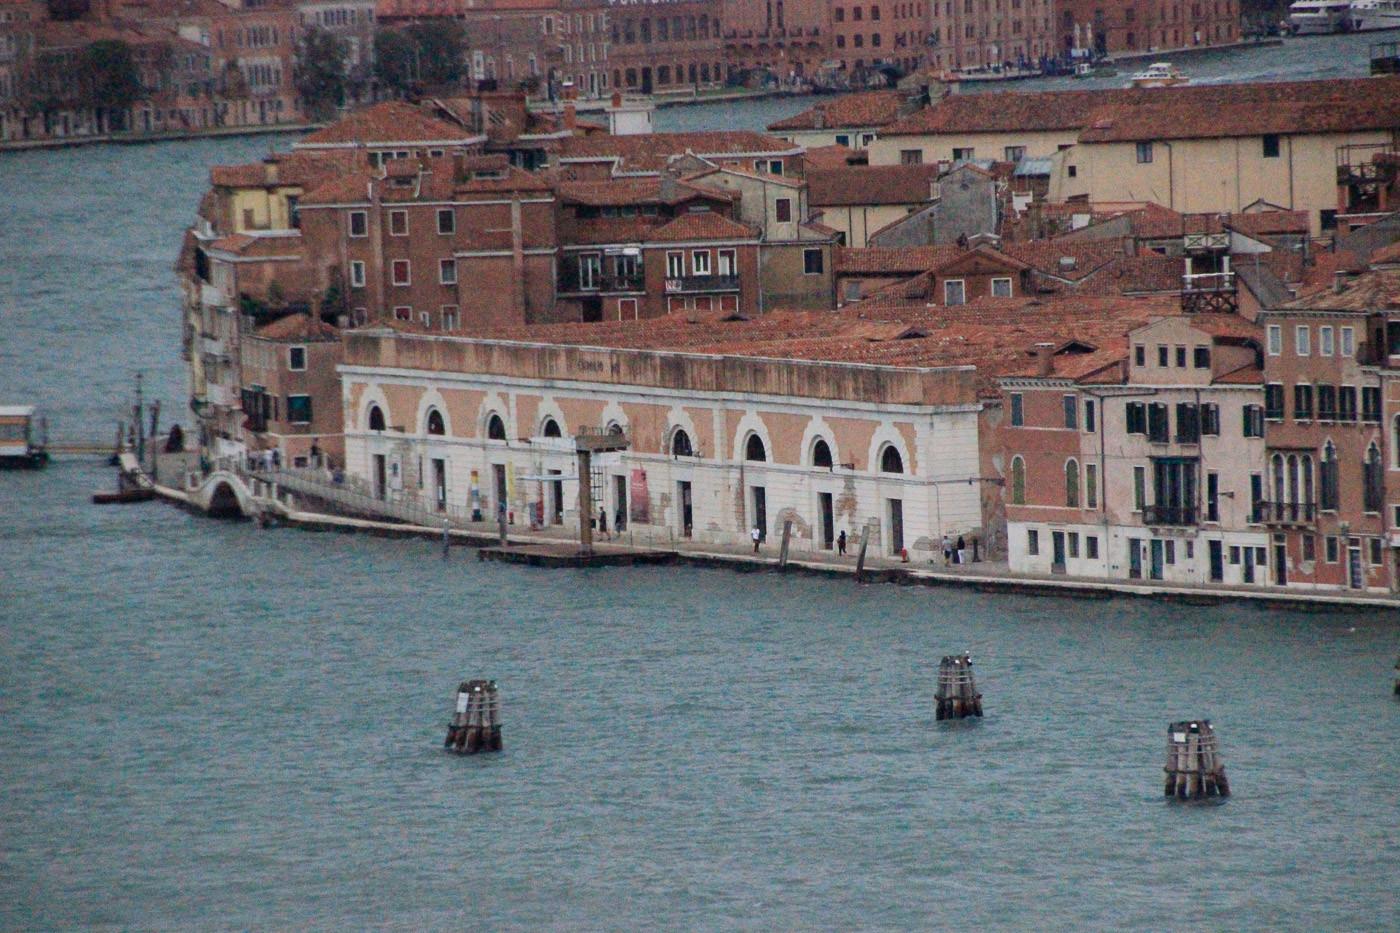 El canal de la Giudecca con los almacenes de sal